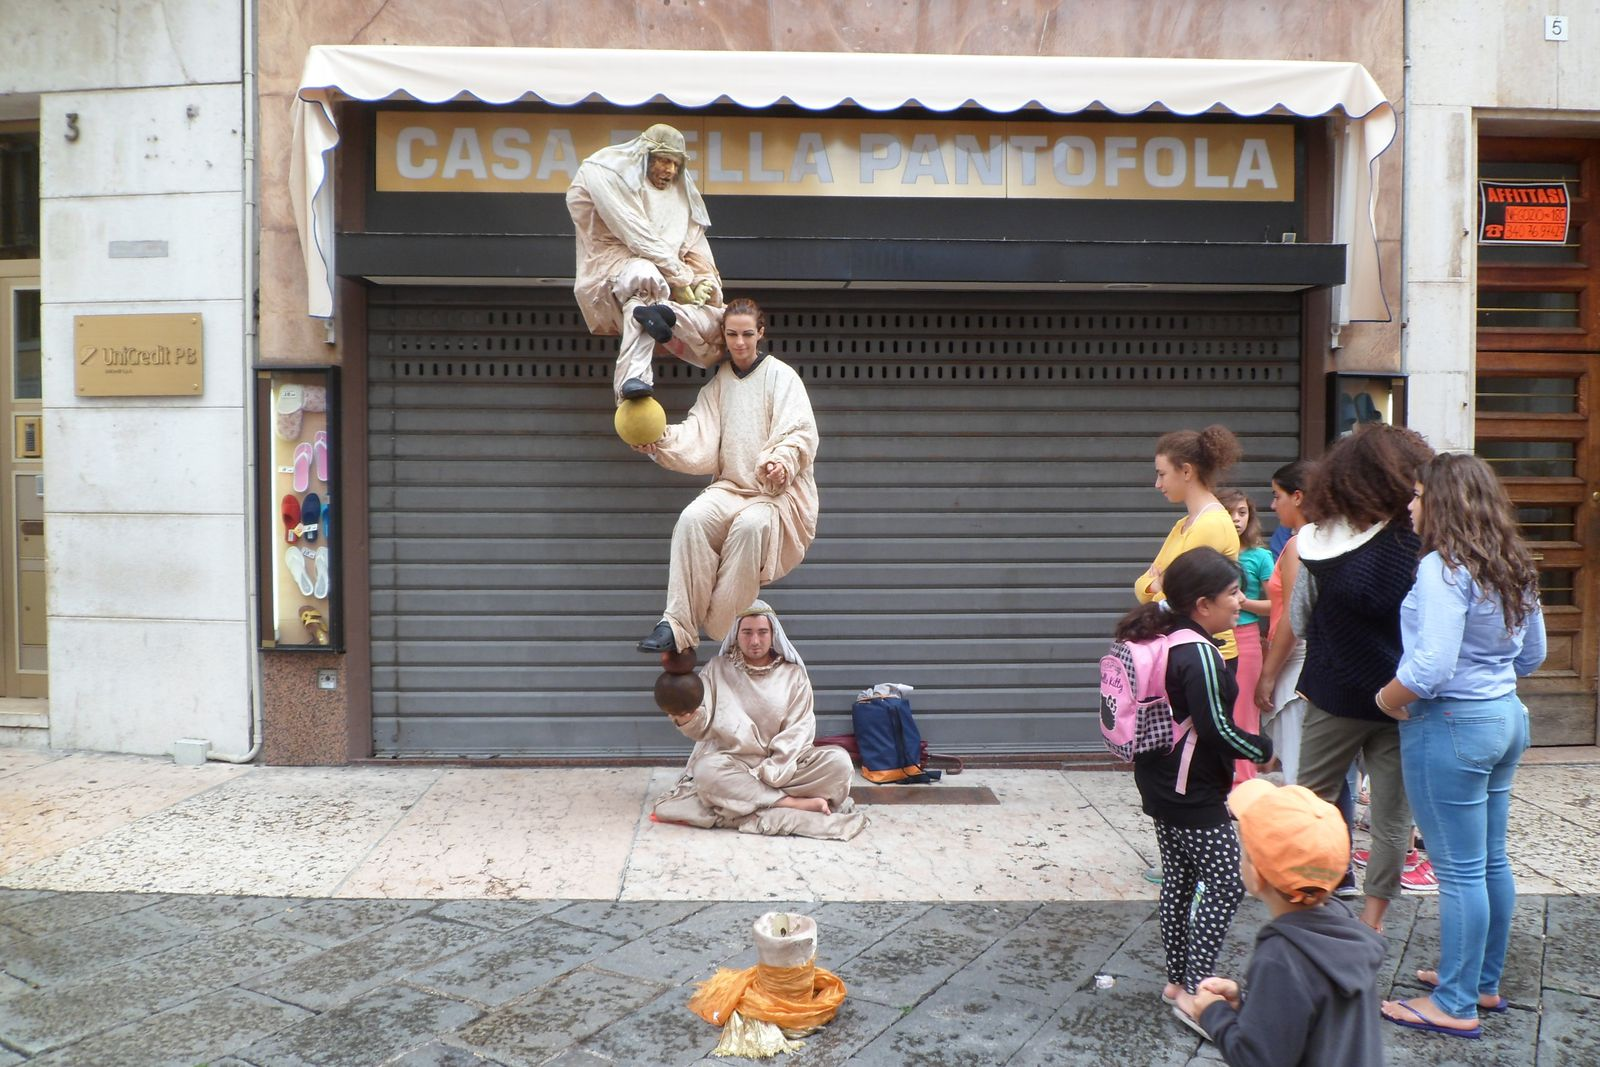 ce que j'ai vu dans plusieurs villes italiennes, un personnage reposant, dans une immobilité parfaite, sur la main d'un autre personnage&#x3B; mais là, ils sont trois à jouer les poupées russes!!!!